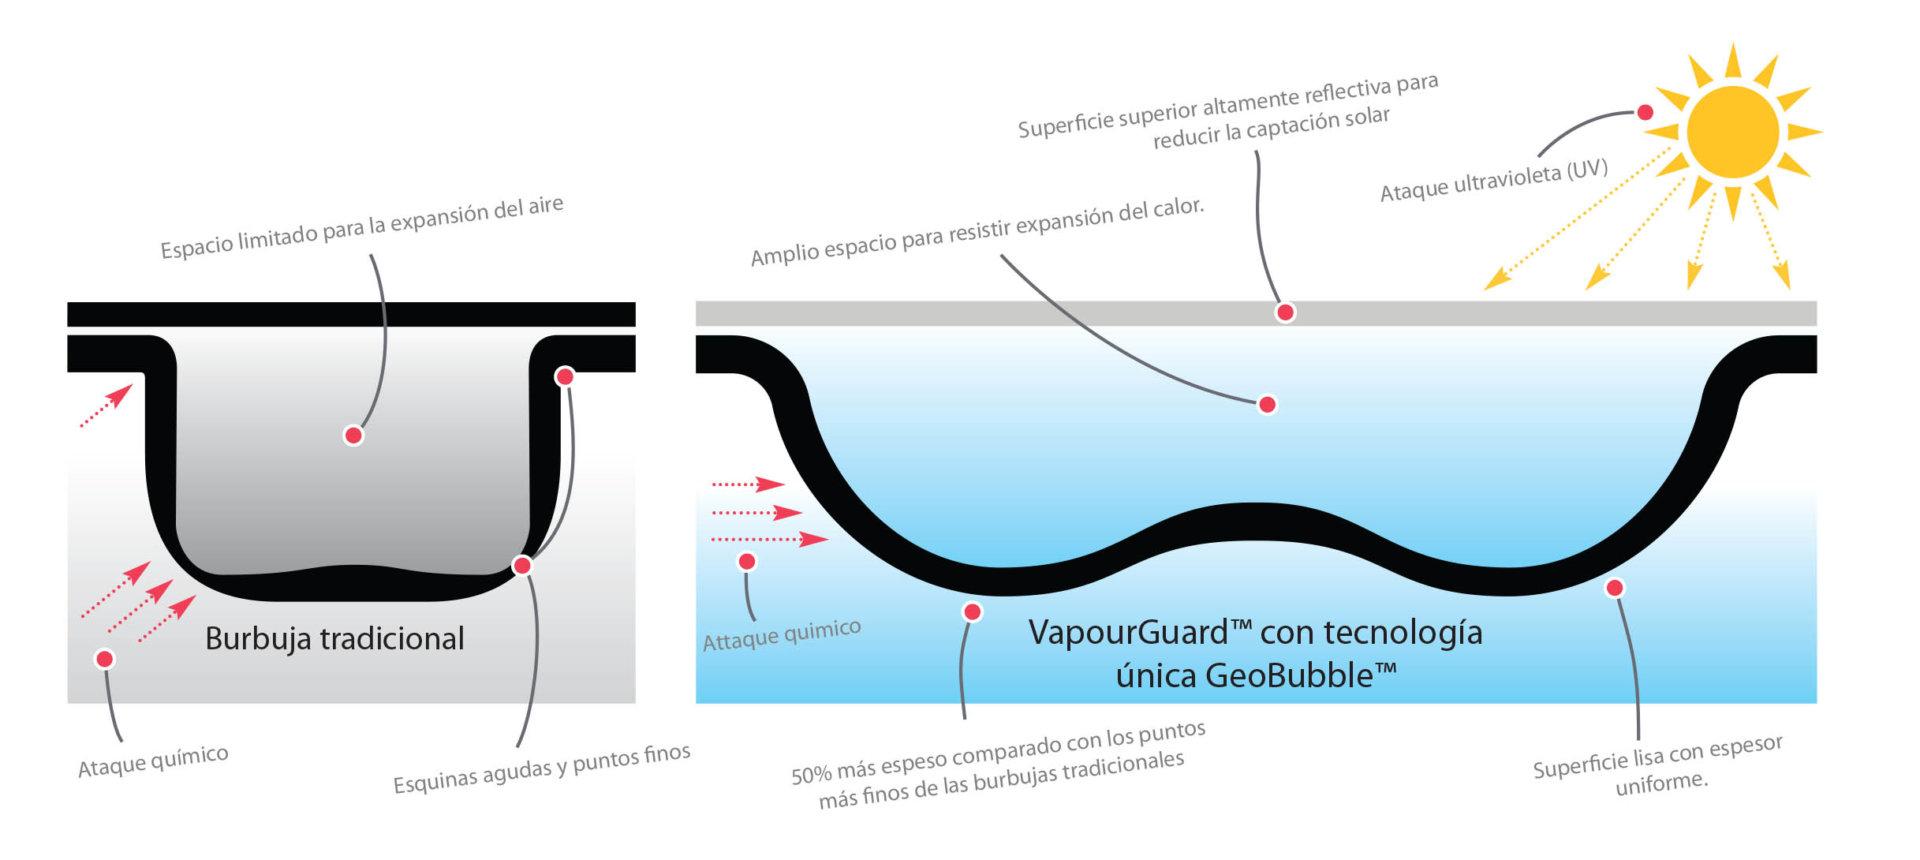 Vapourguard with Unique Geobubble Technology